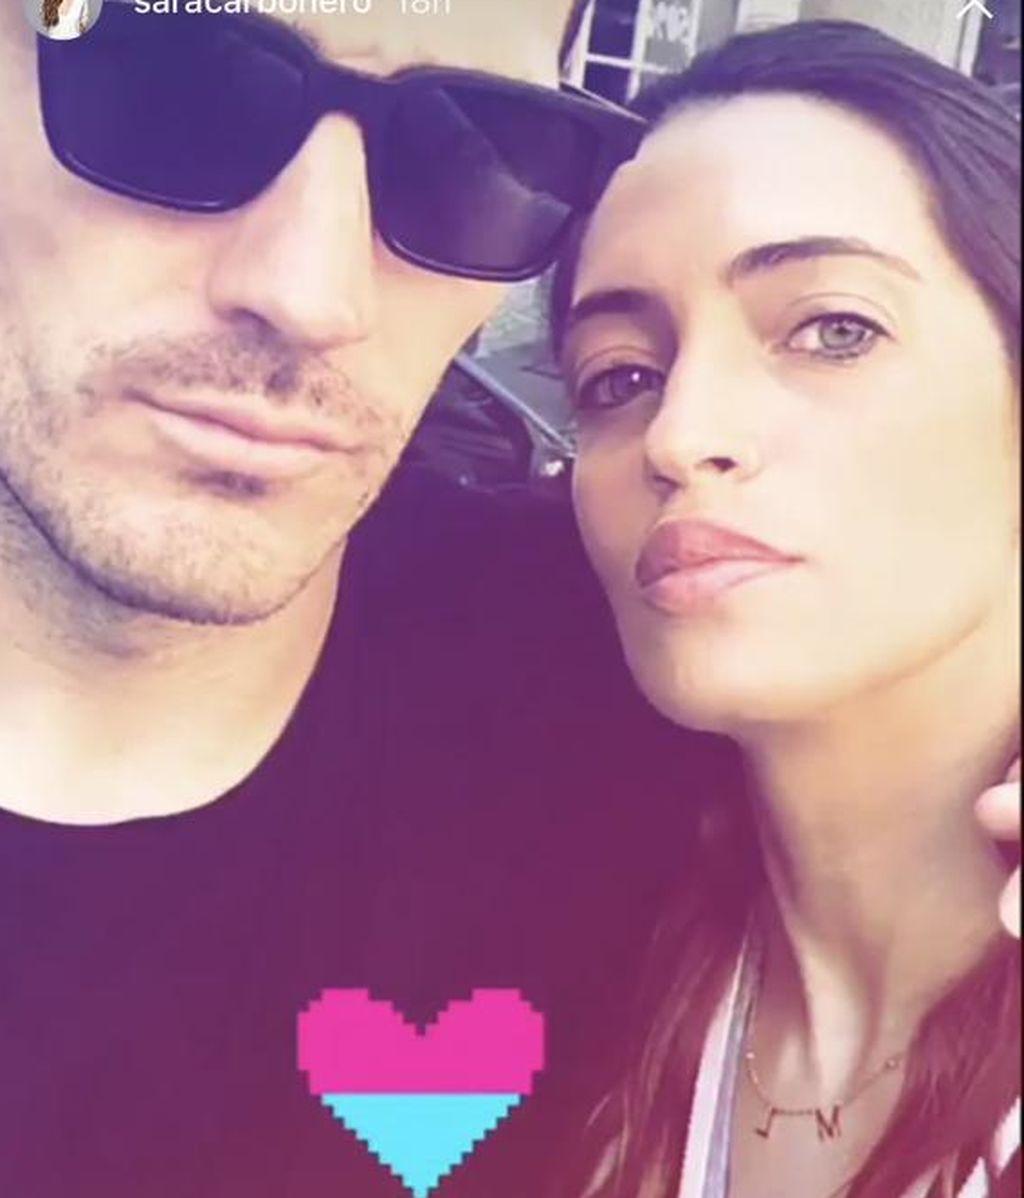 ¡Puro amor! La foto de Iker Casillas y Sara Carbonero que ha enamorado a sus seguidores